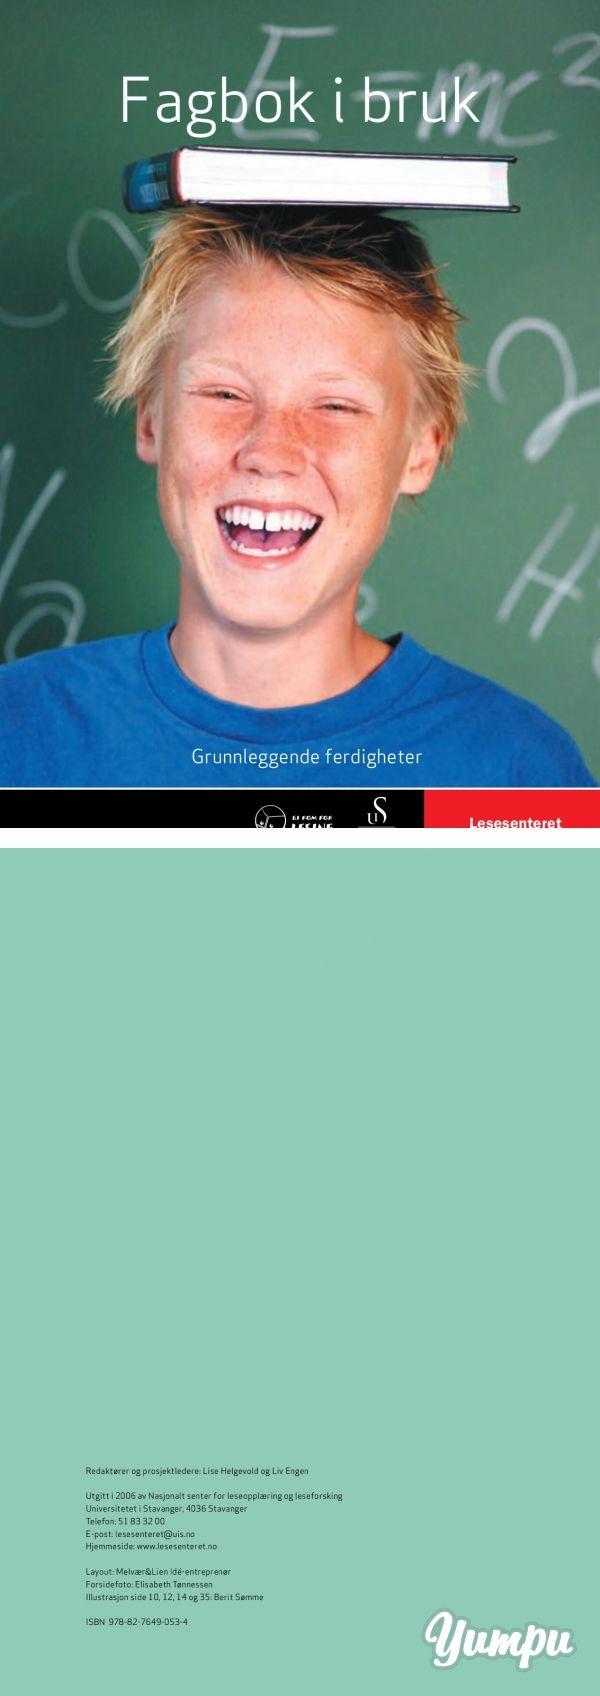 Fagbok i bruk - Lesesenteret - Universitetet i Stavanger - Magazine with 68 pages: Fagbok i bruk - Lesesenteret - Universitetet i Stavanger